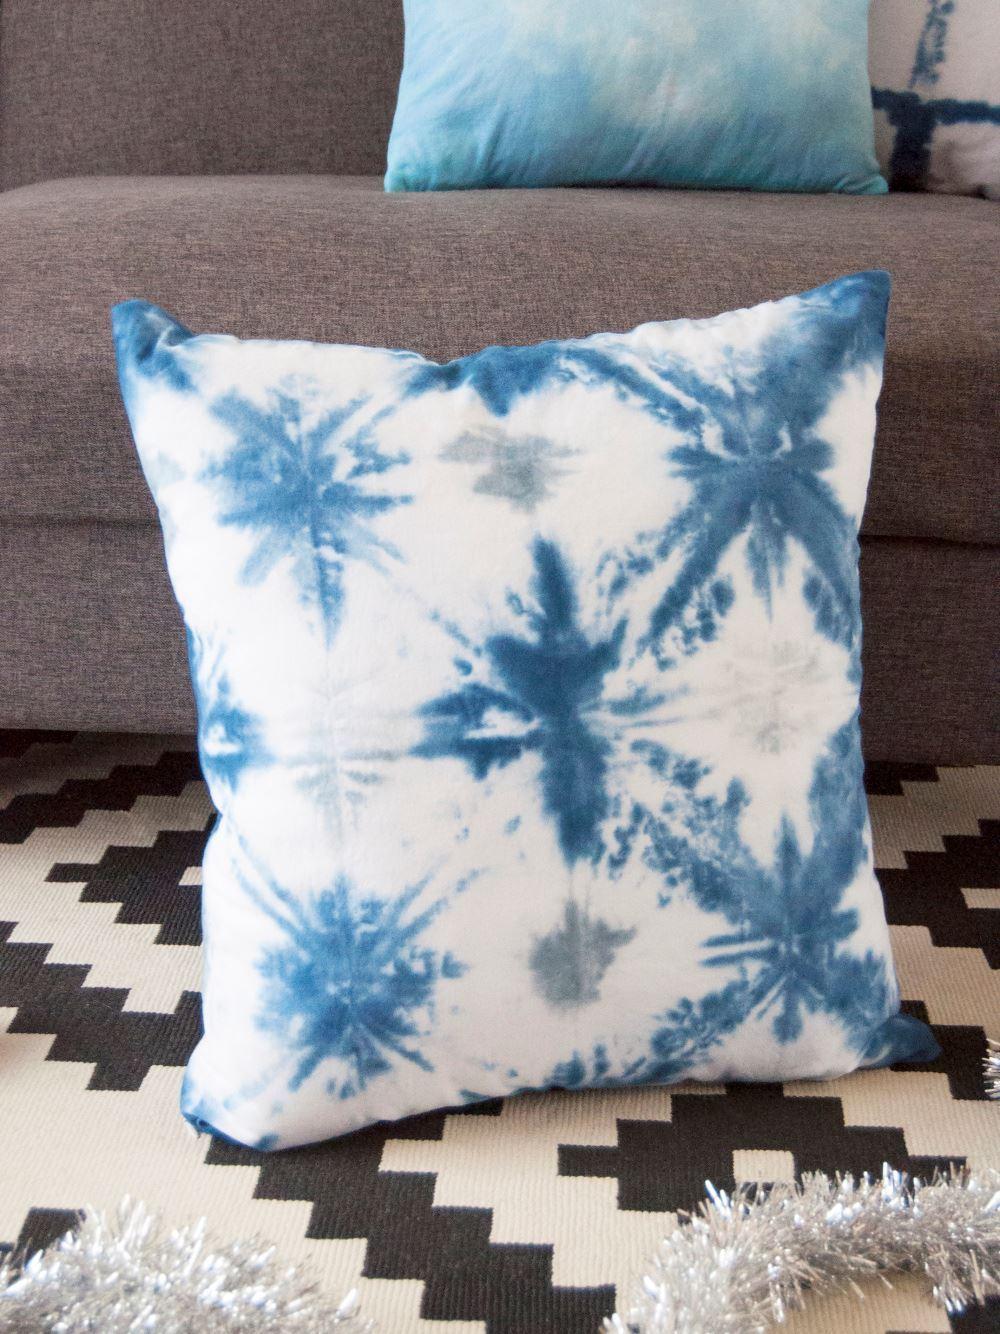 Shibori Tie-Dye Pillow